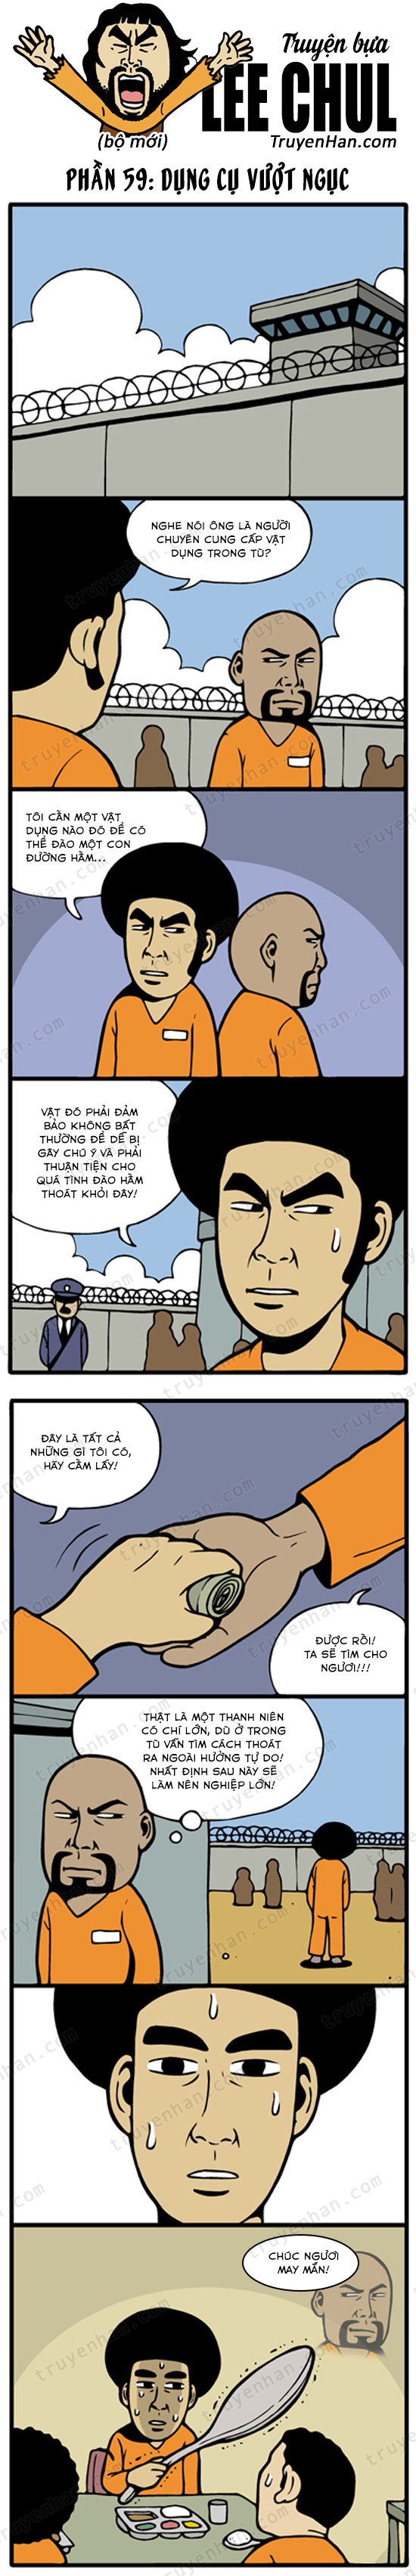 Lee Chul (bộ mới) phần 59: Dụng cụ vượt ngục